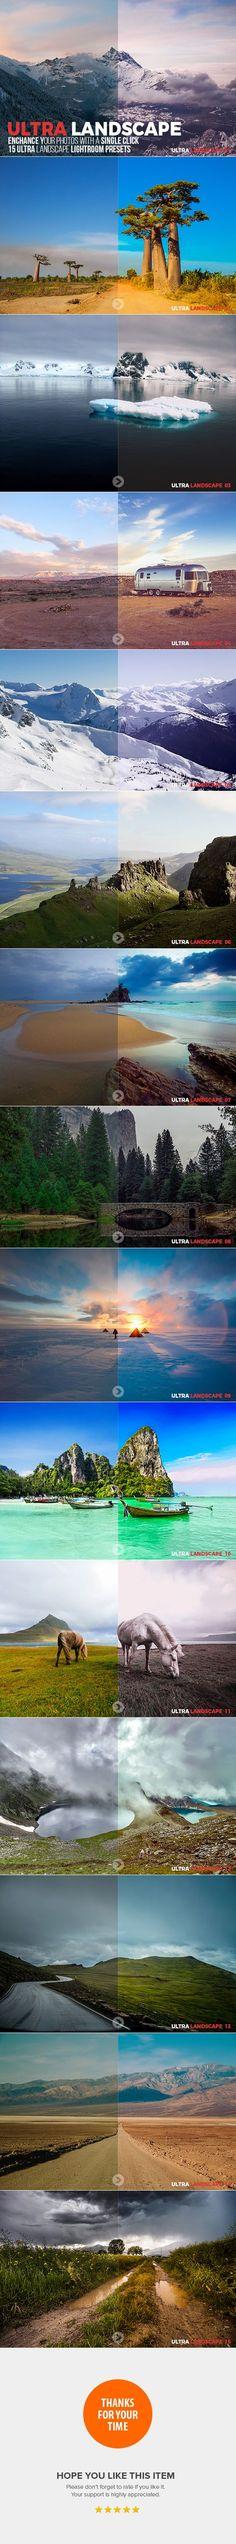 15 Ultra Landscape Lightroom Presets - #Landscape #Lightroom #Presets Download here: https://graphicriver.net/item/15-ultra-landscape-lightroom-presets/20303642?ref=alena994